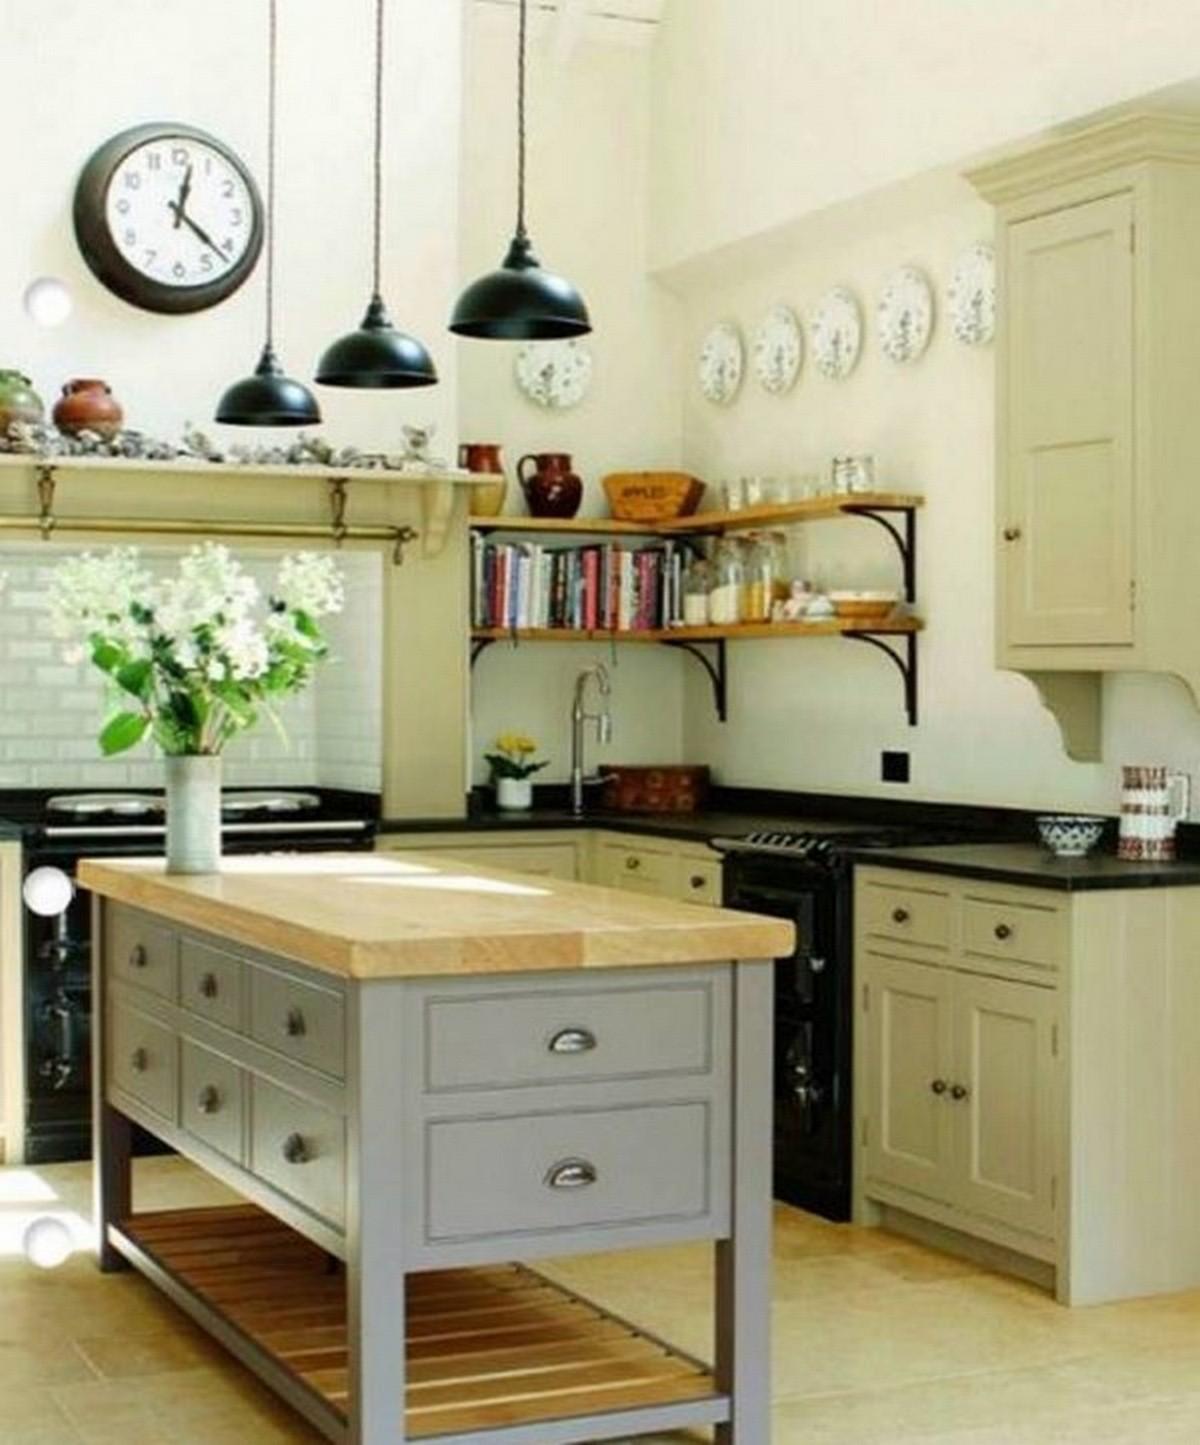 бледно-оливковая кухня в английском стиле